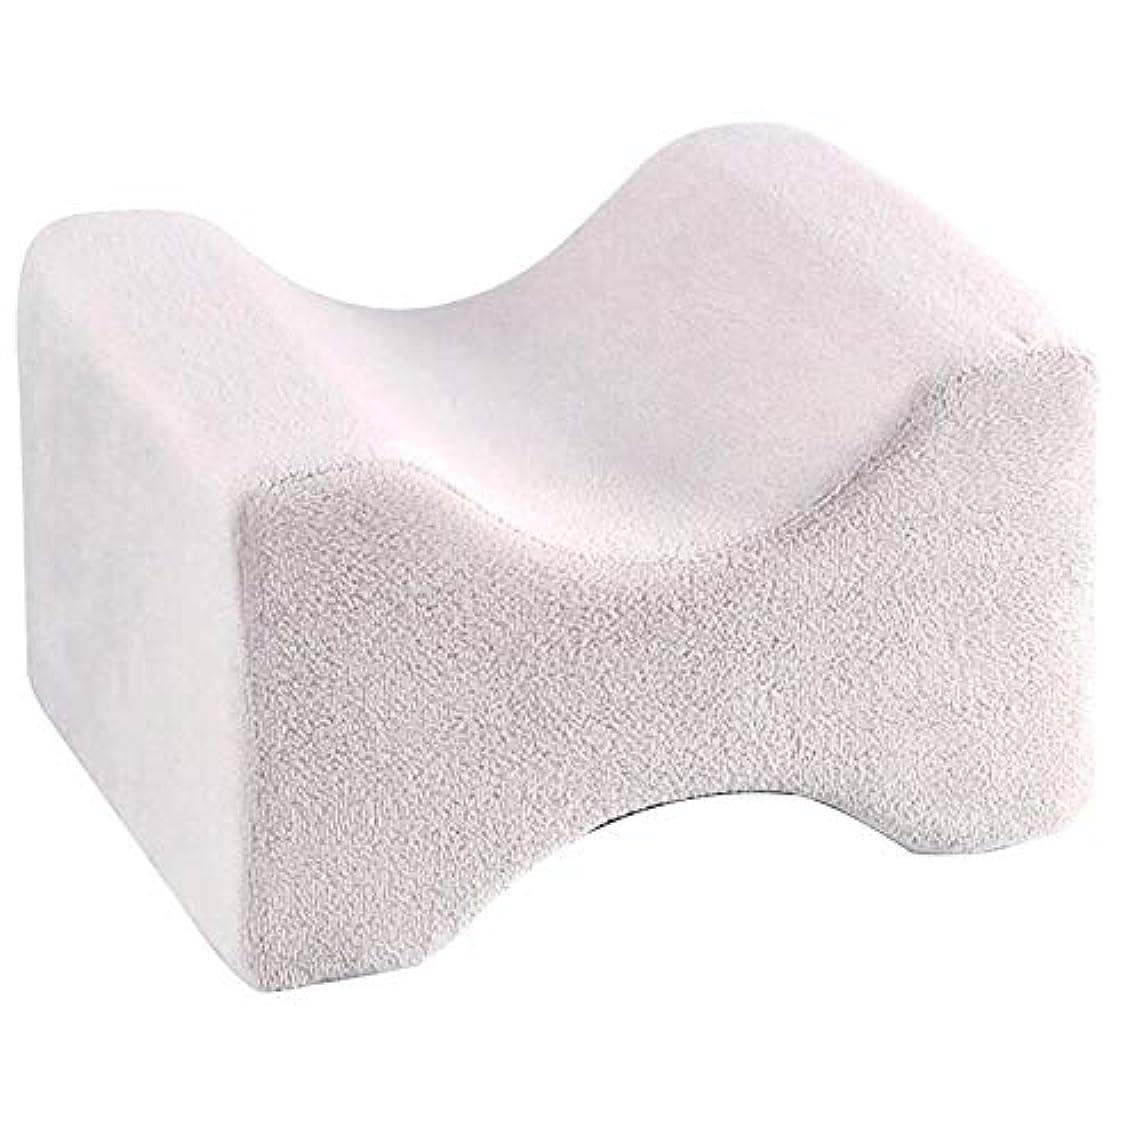 加速する愛人頻繁にソフト枕膝枕クリップ足低反発ウェッジ遅いリバウンドメモリ綿クランプマッサージ枕用男性女性